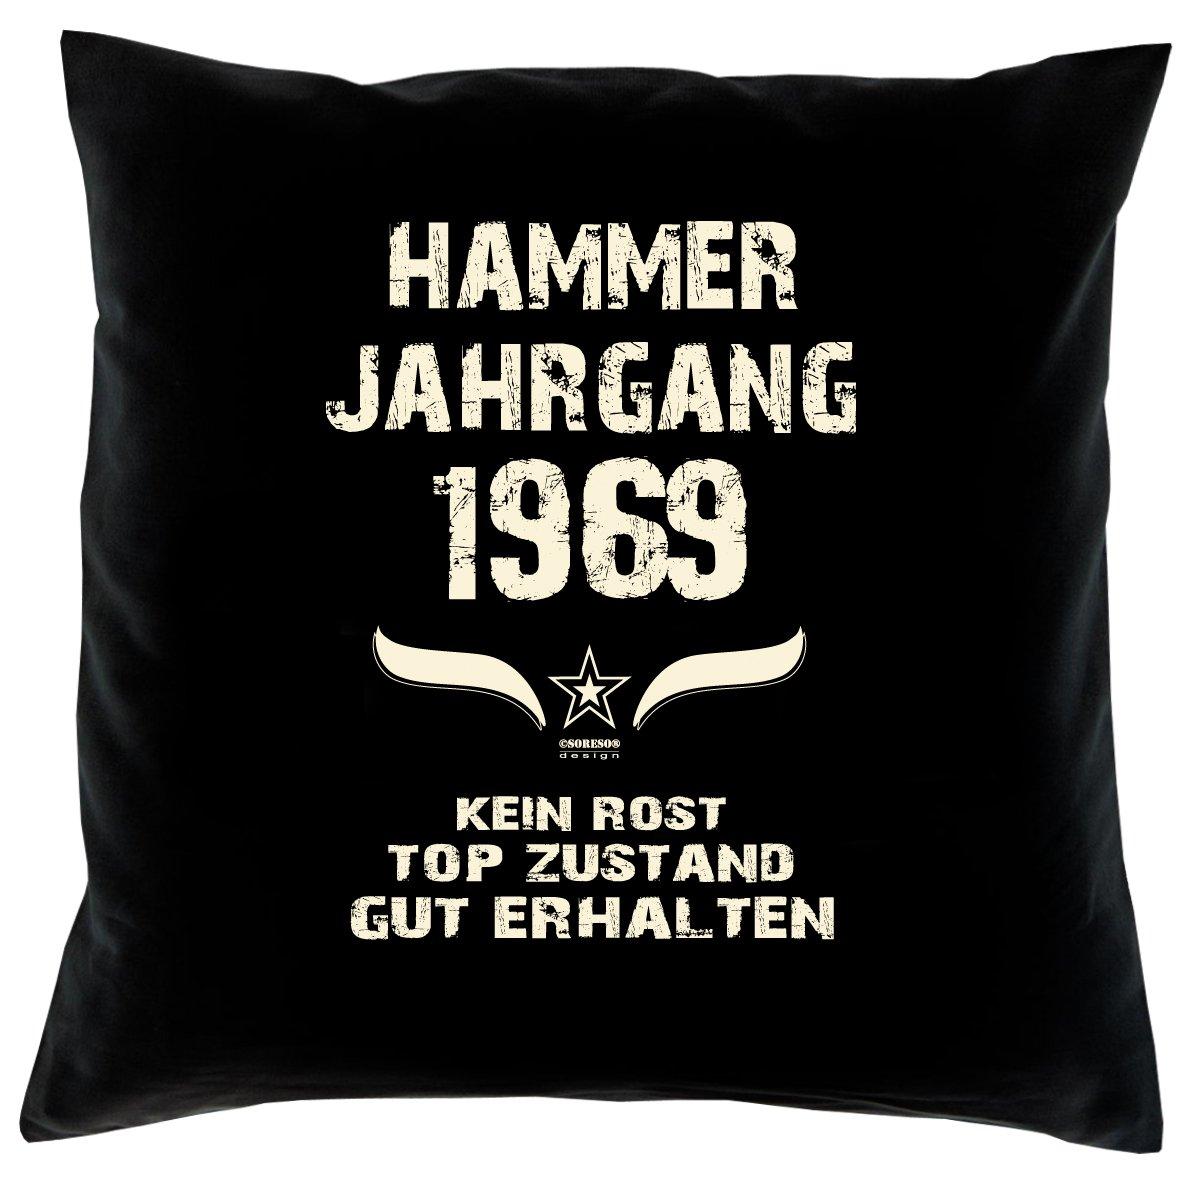 Cooles – Fun – Kissen – Sitzkissen – Zum 47. Geburtstag – Hammer Jahrgang 1969 Farbe: Schwarz – Größe: 40 x 40 cm online bestellen